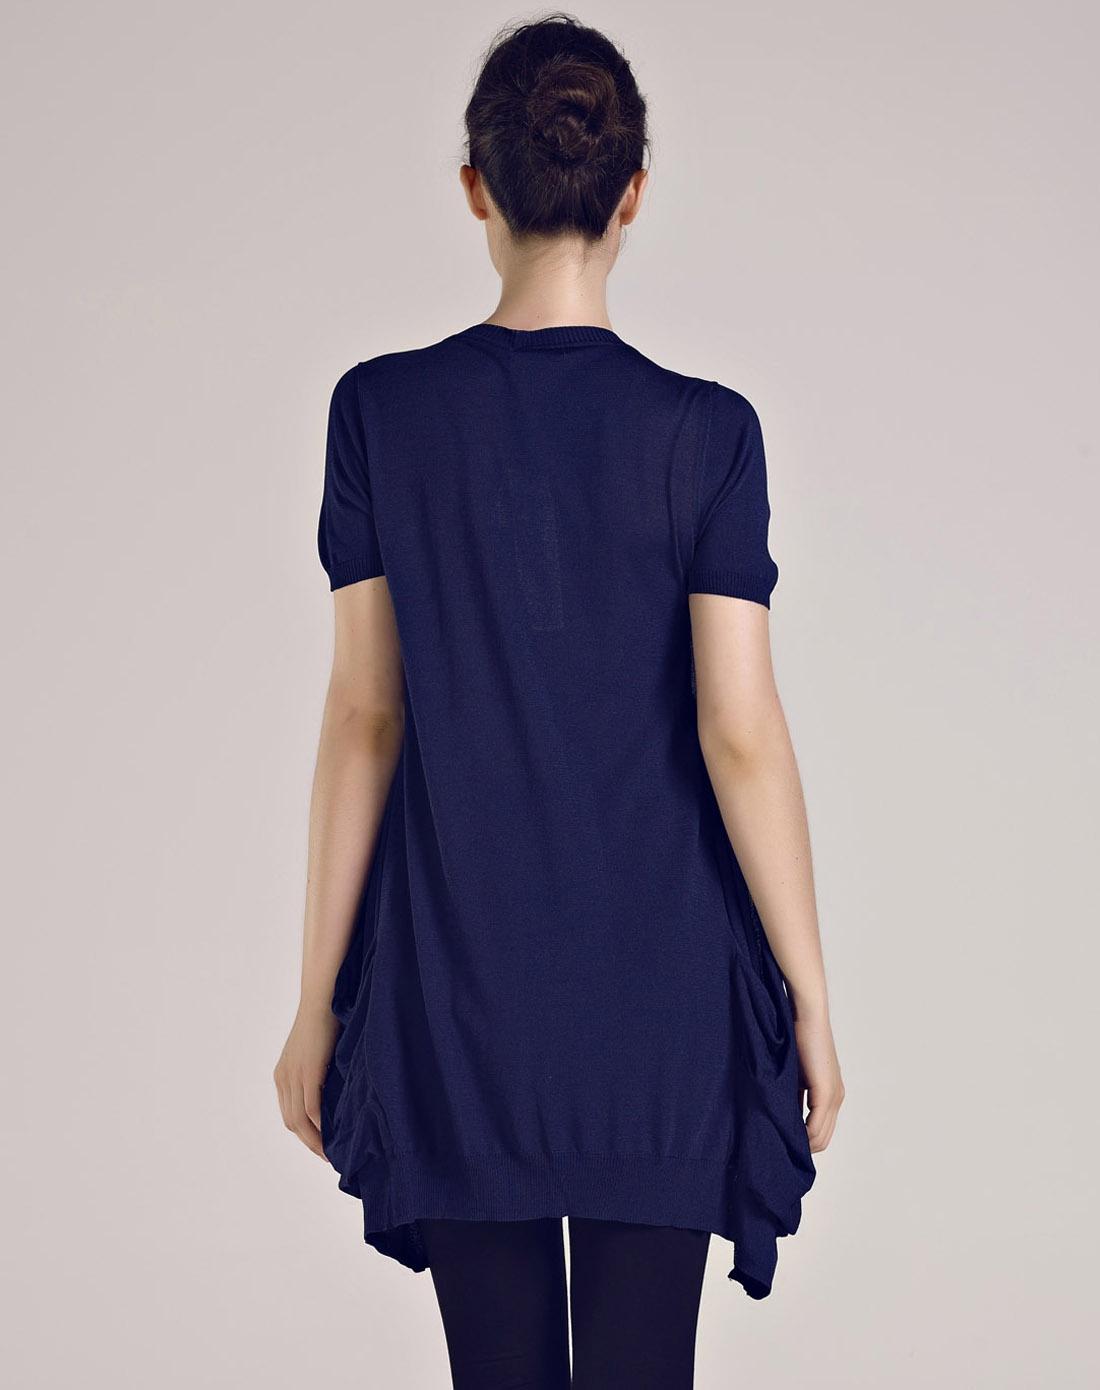 印花拼接假两件藏青色短袖针织上衣